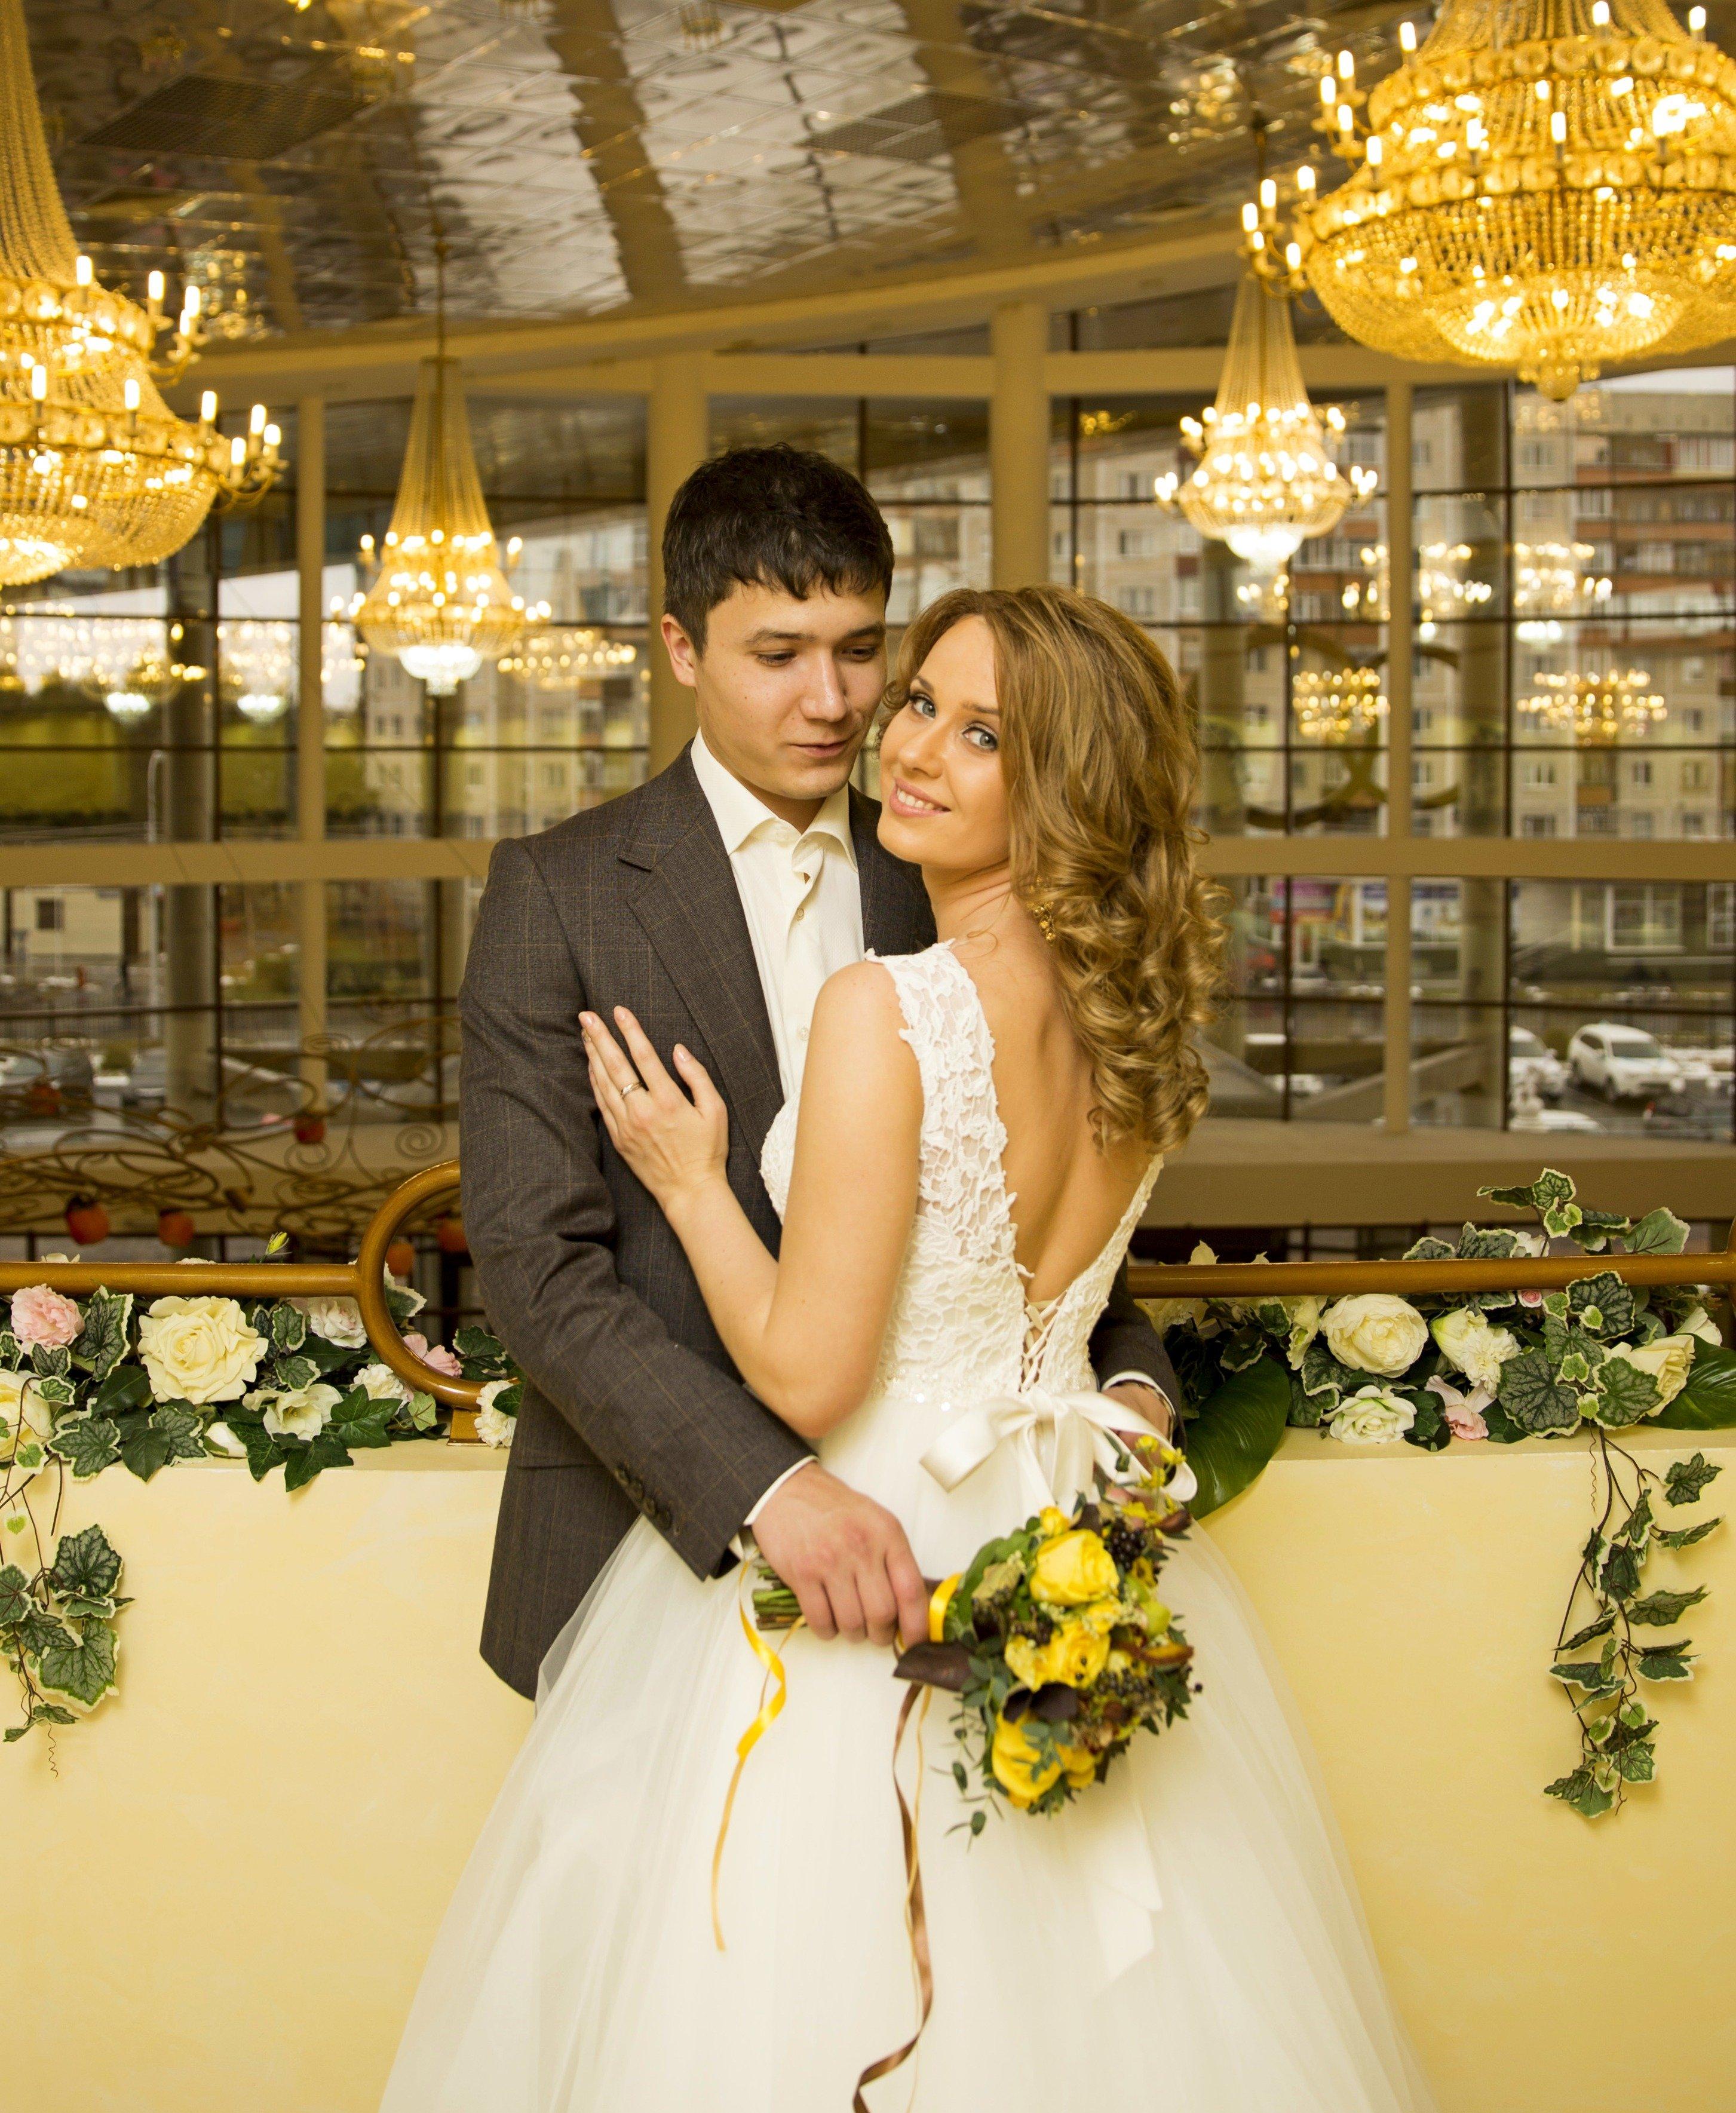 эти свадьбы в сургуте фото чемпионате мира самым